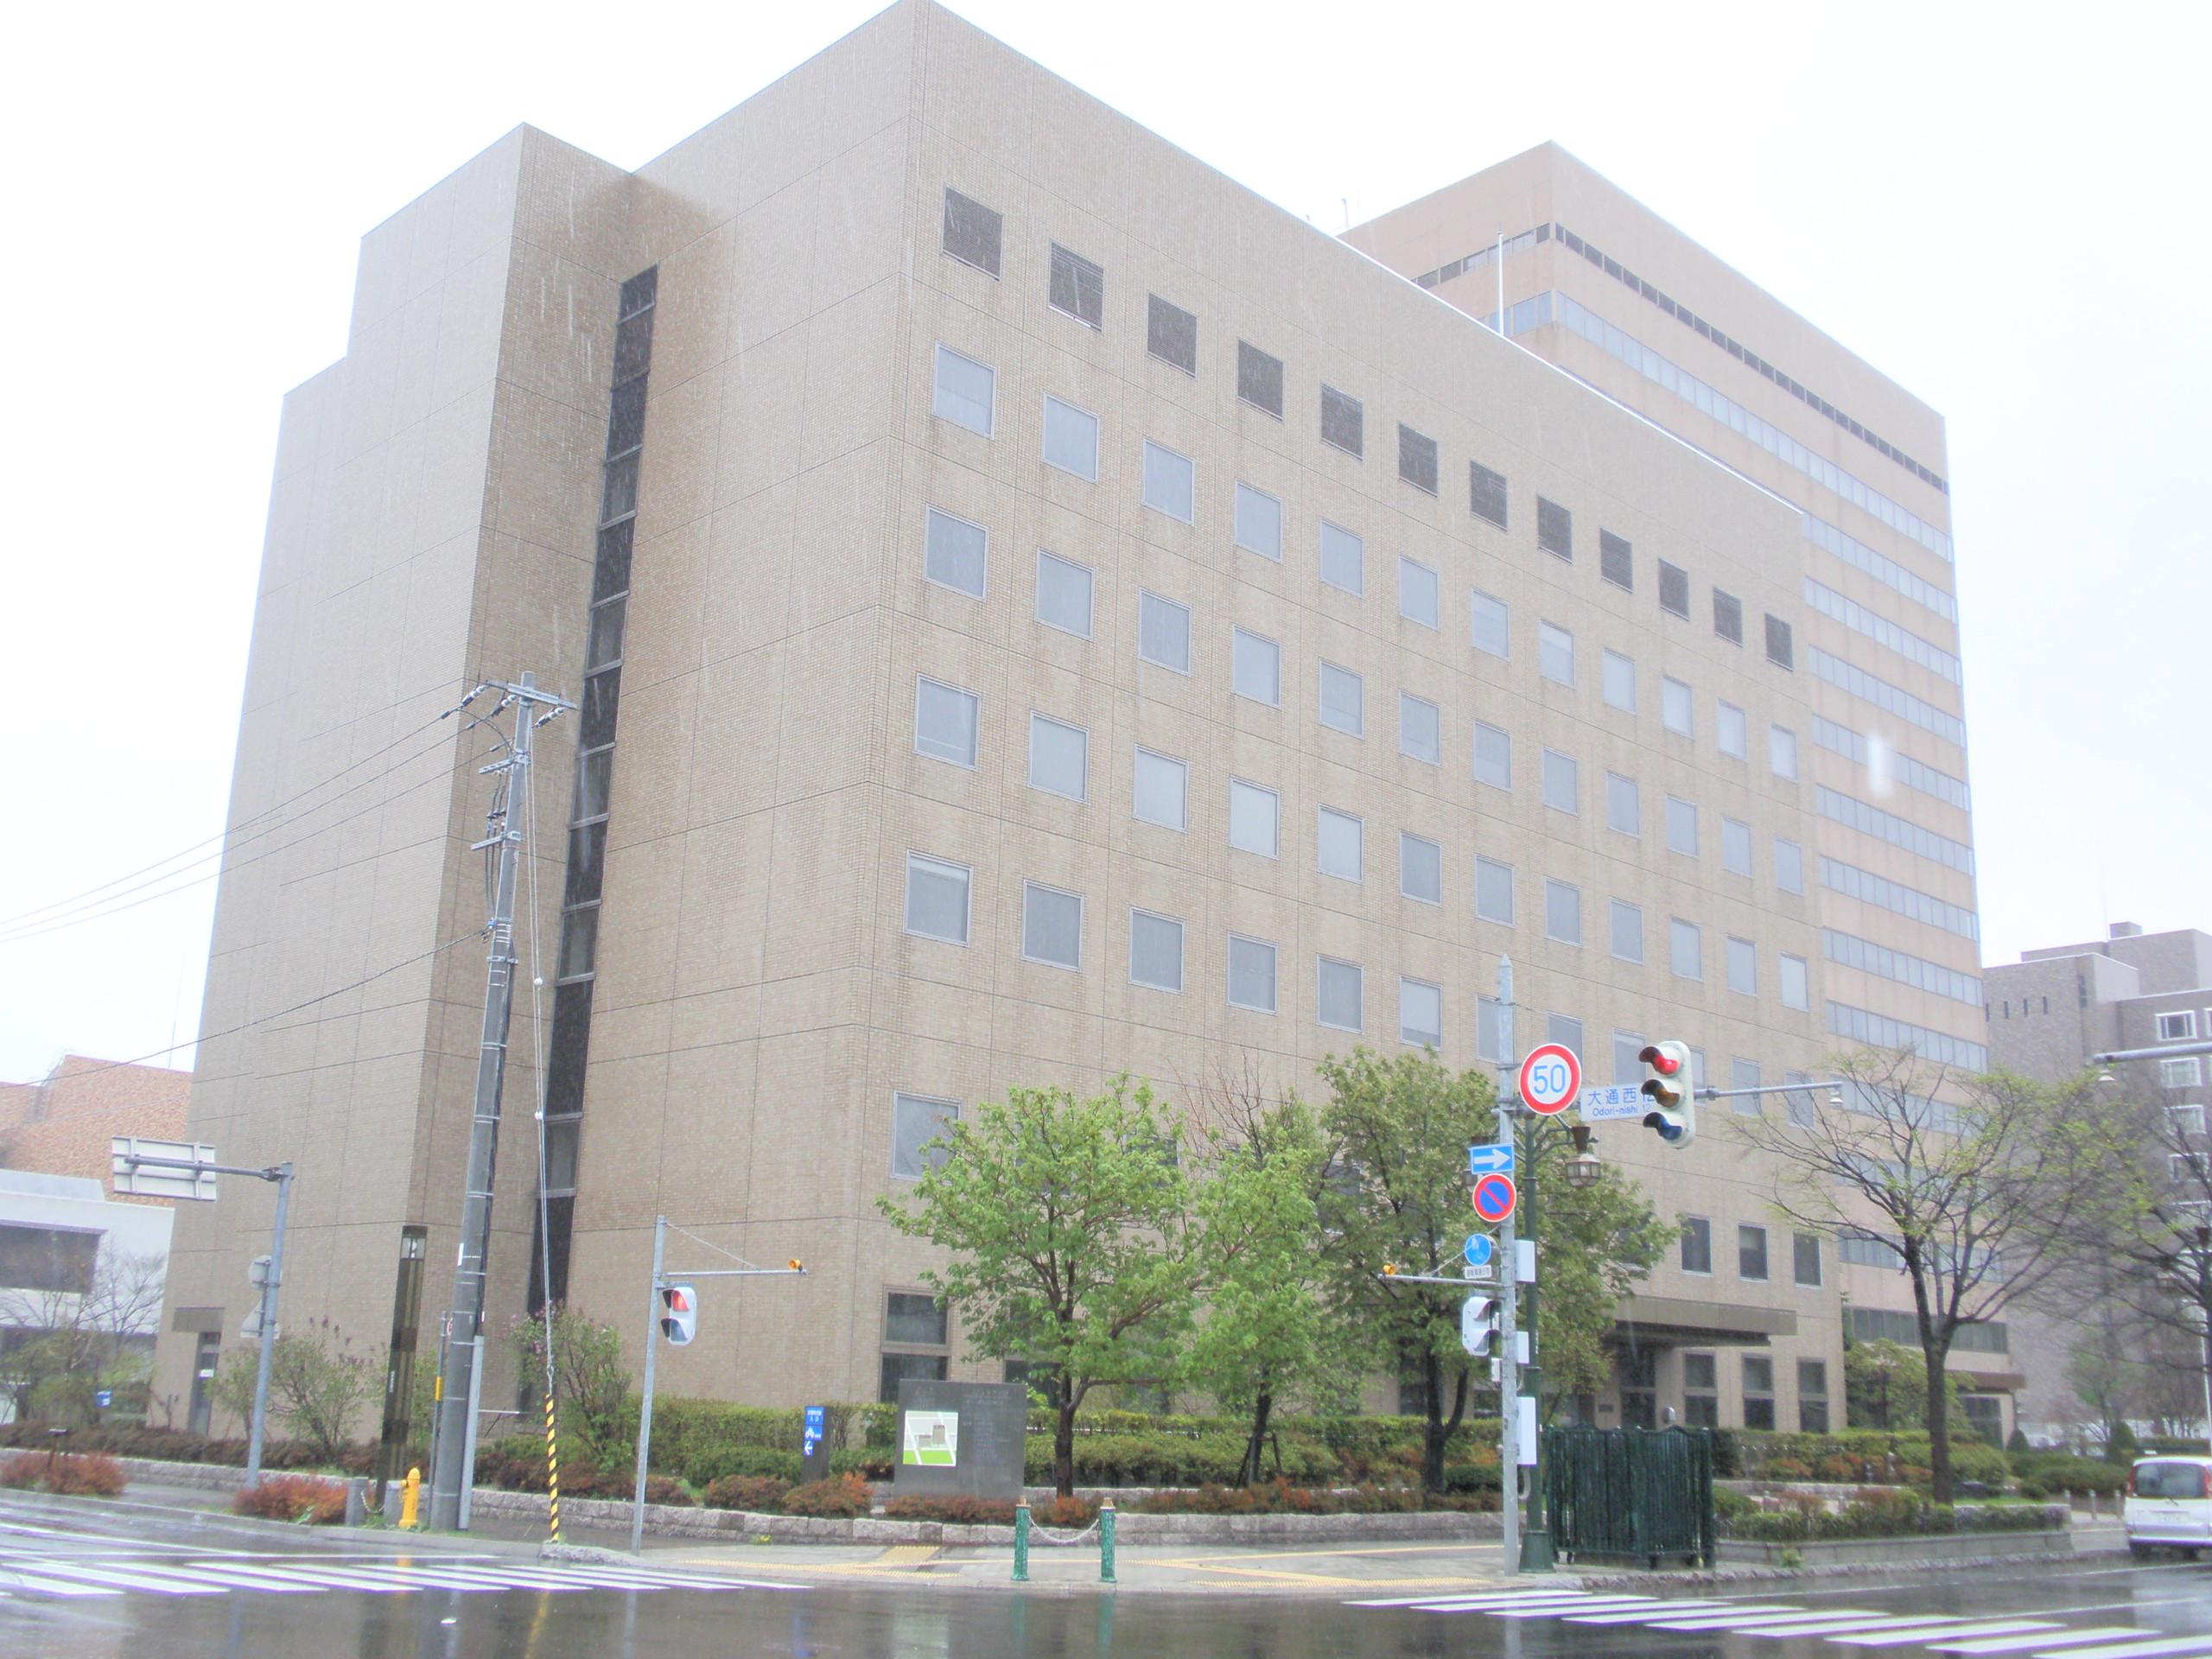 ... 家庭裁判所/札幌簡易裁判所